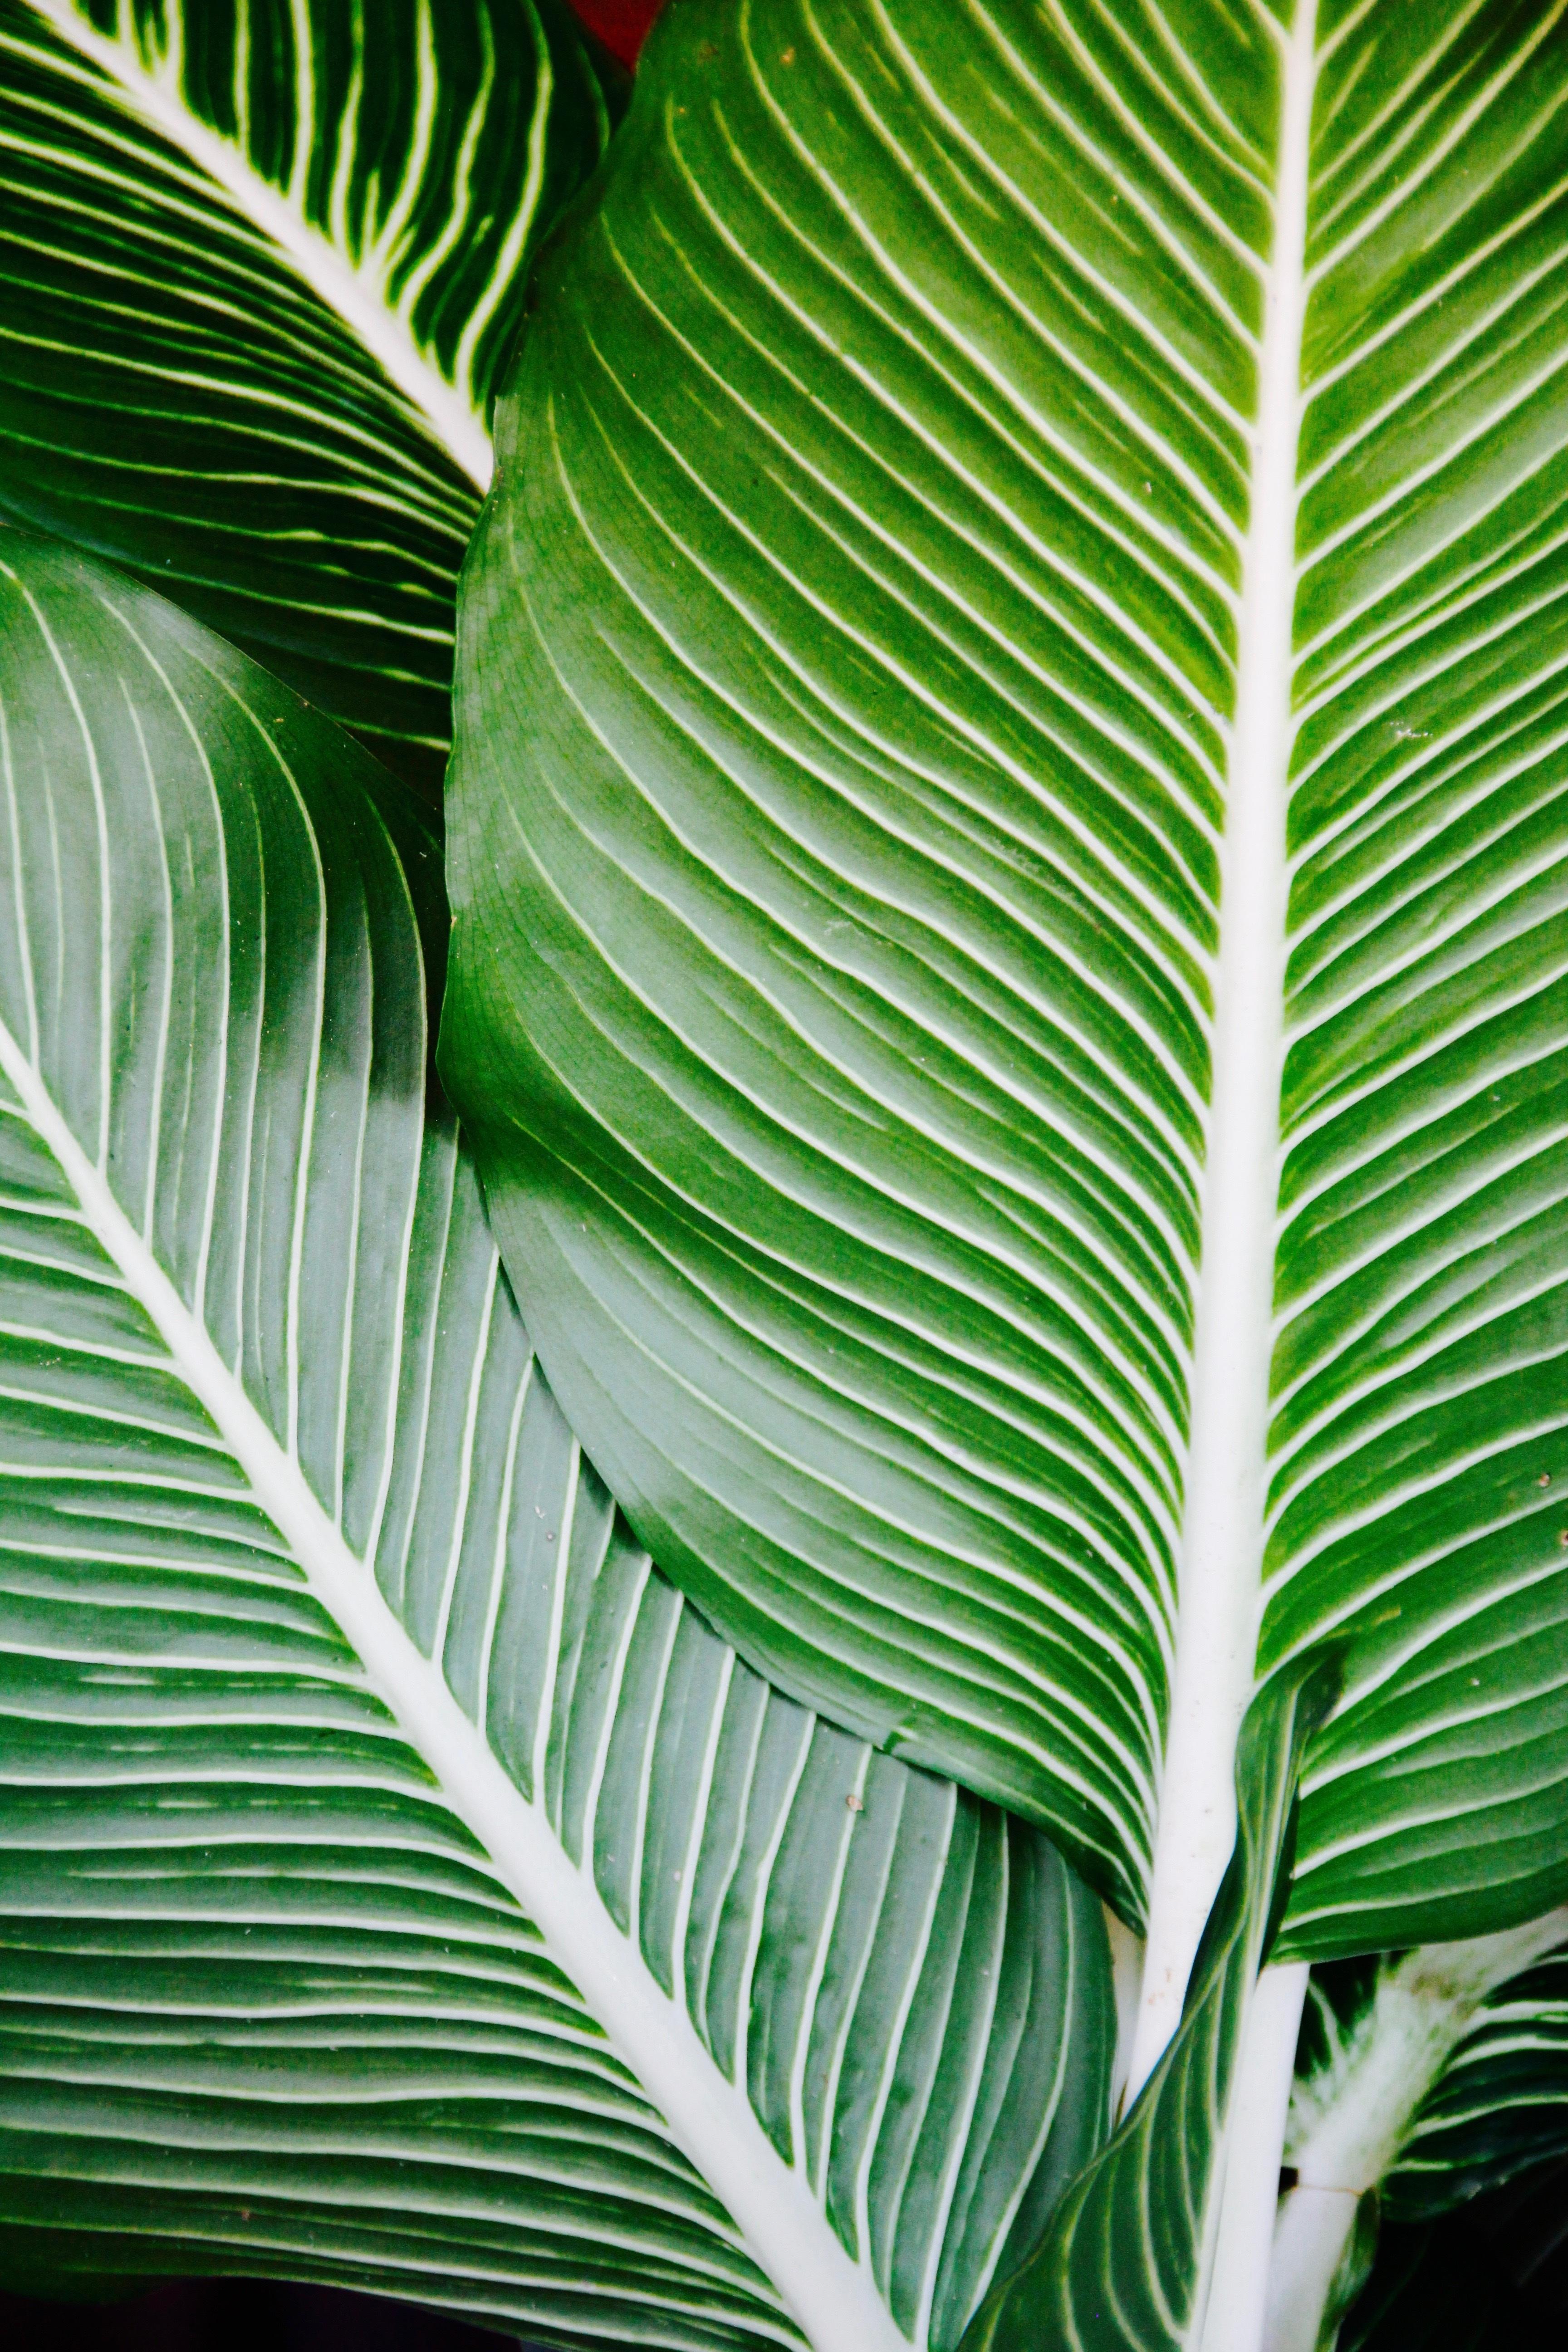 Цветок на стебле листья как у пальмы